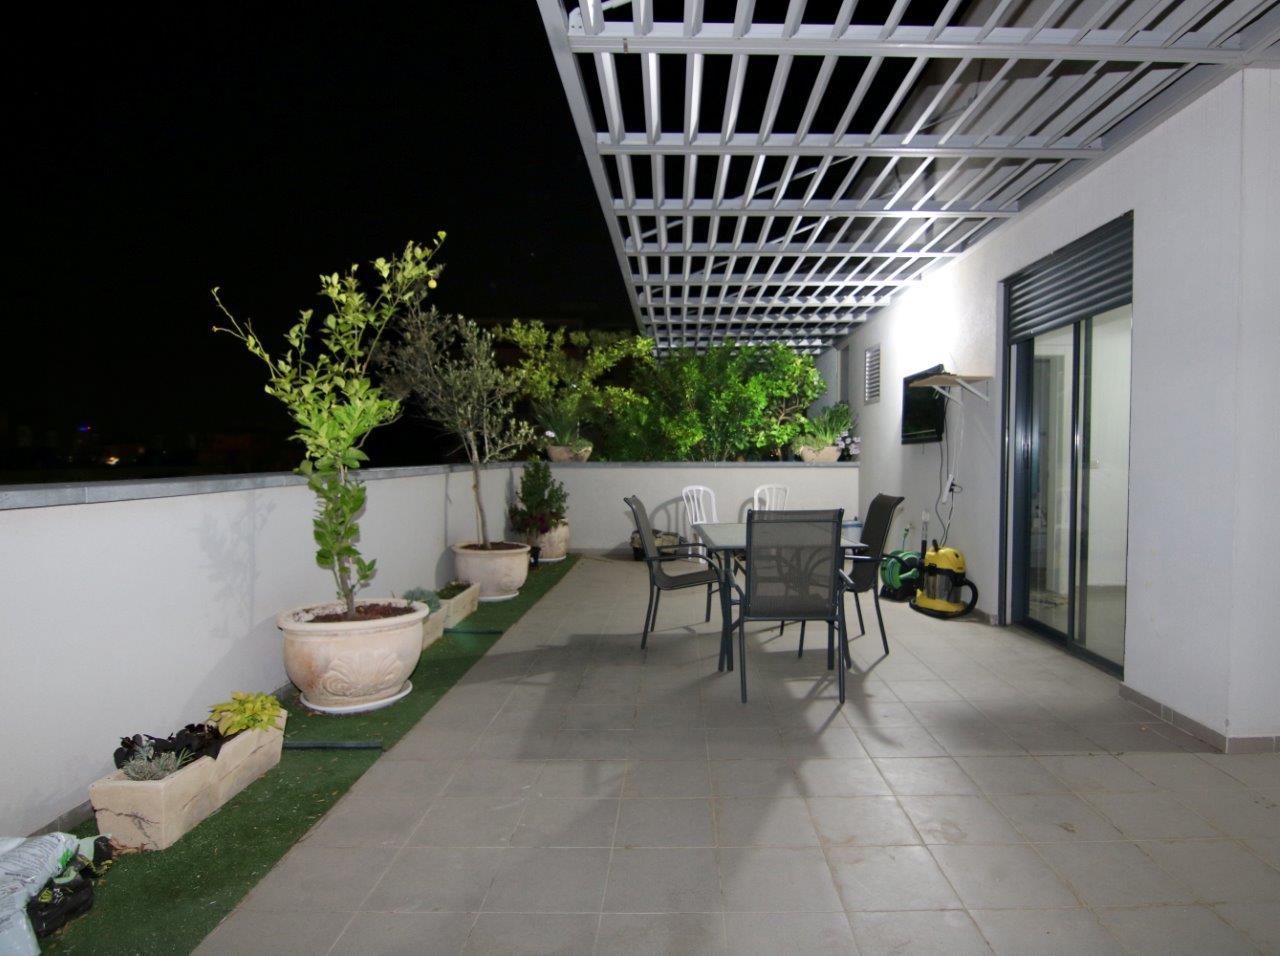 רק החוצה דירות למכירה ברמת גן בתים למכירה בגבעתיים - יוקרה אסטייט תיווך OE-94